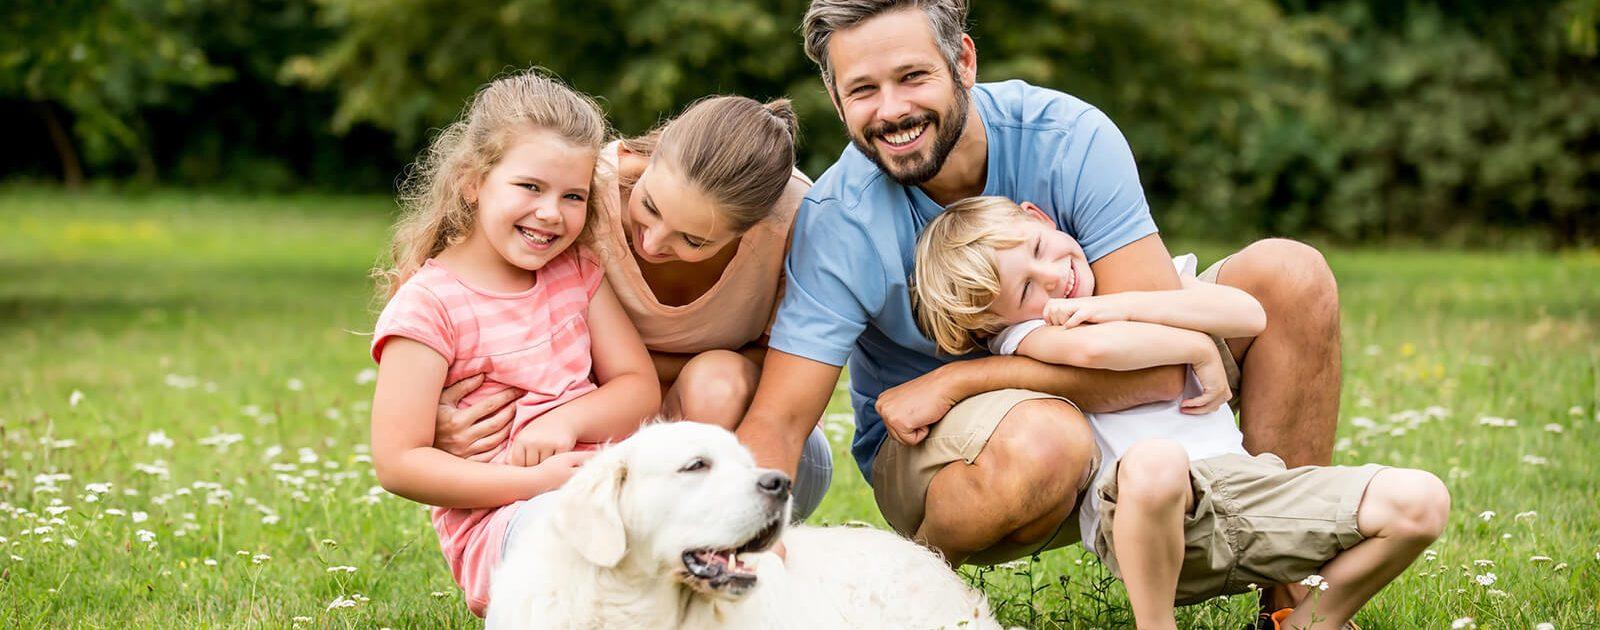 Wie entsteht Heuschnupfen? Familie mit Hund liegt auf der Wiese